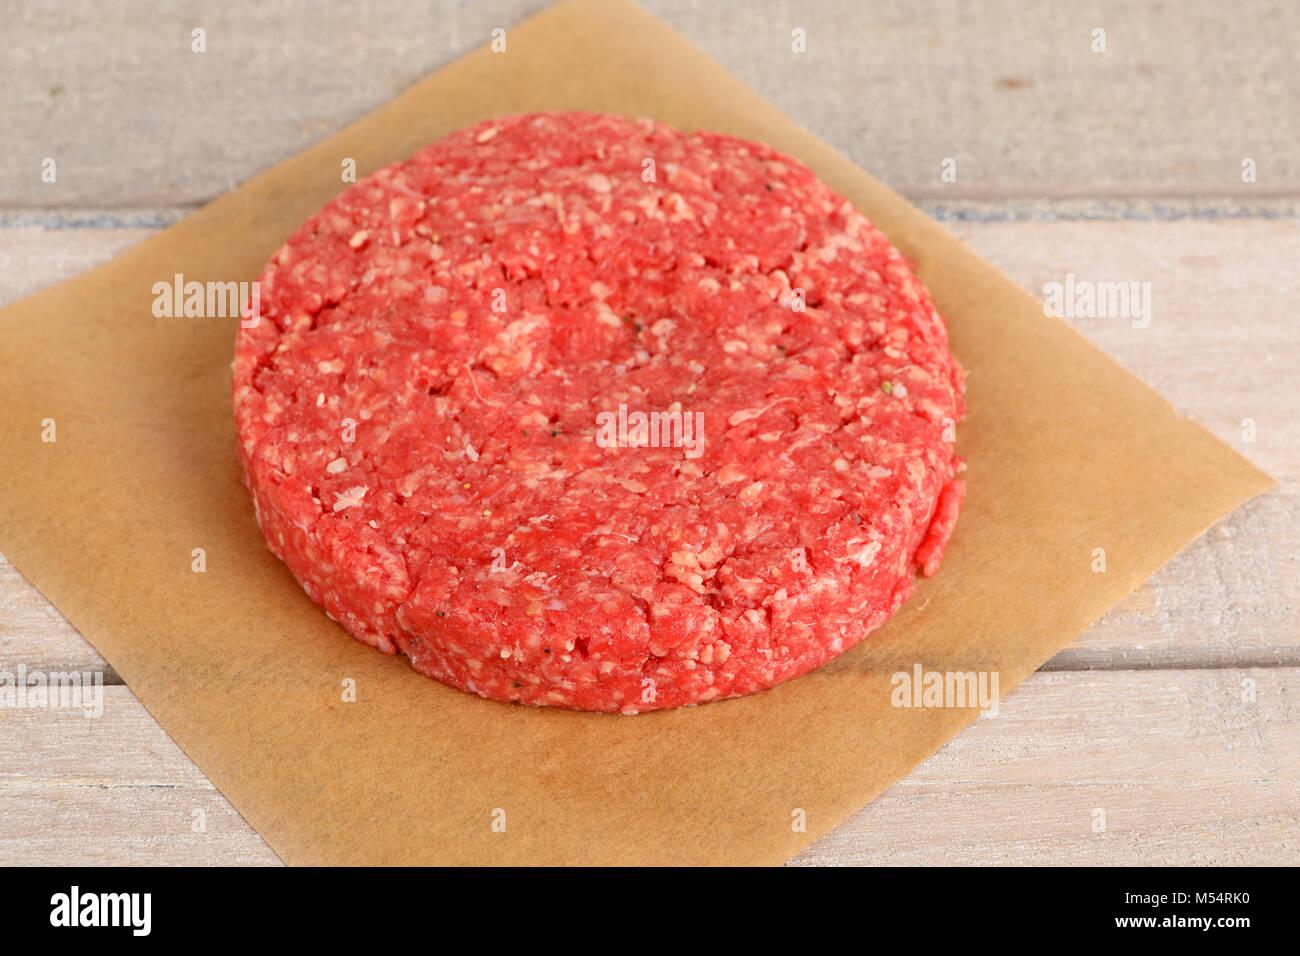 Eine rohe pattie Für einen Burger Stockbild